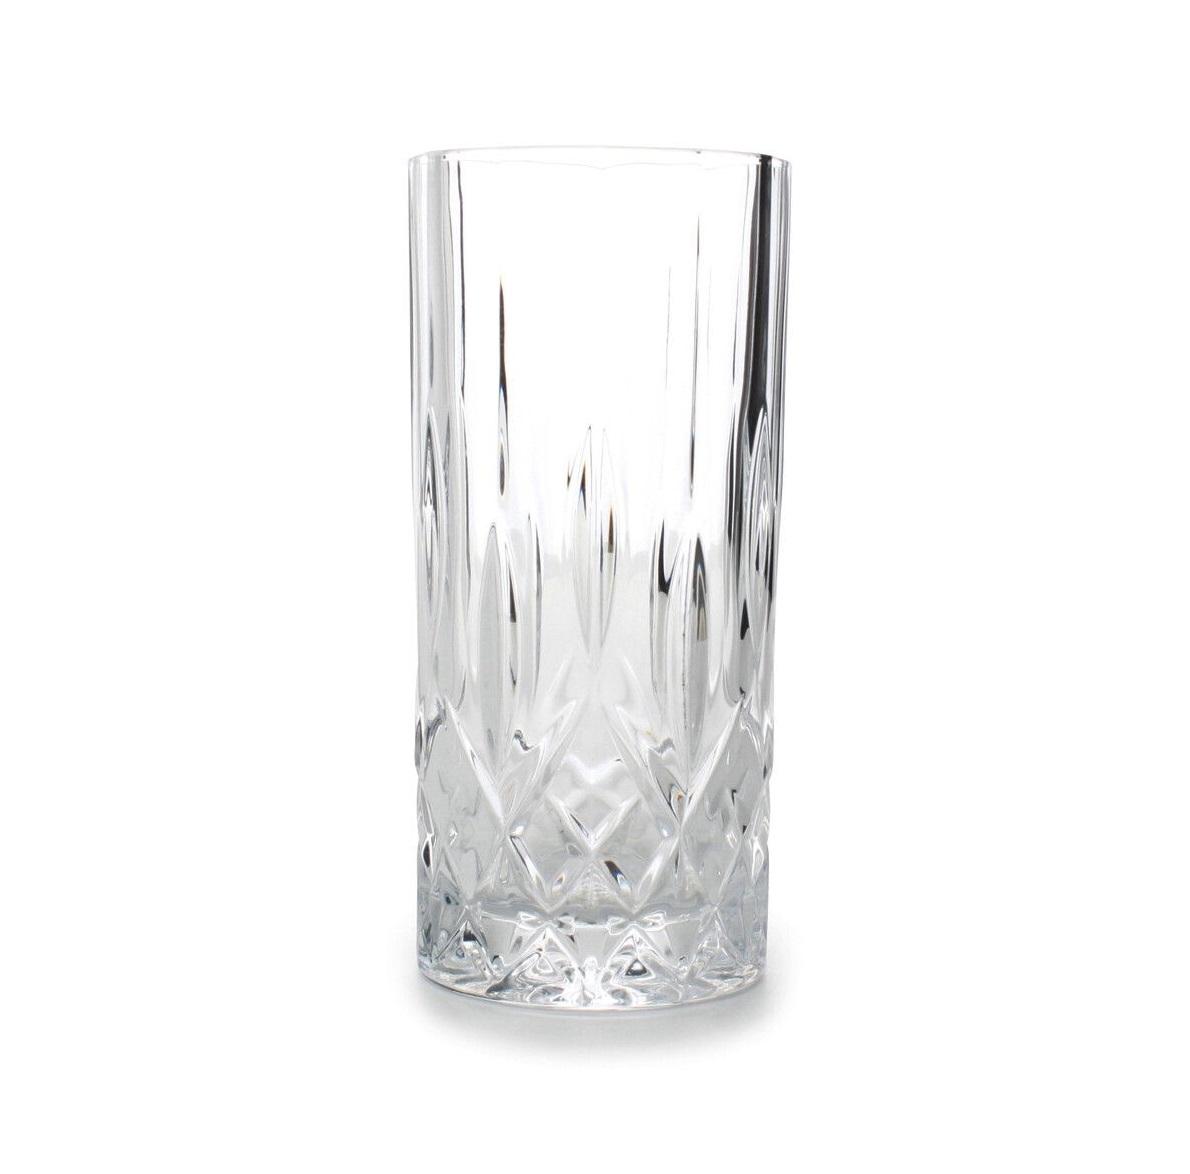 verres set/4   35 cl - S&P